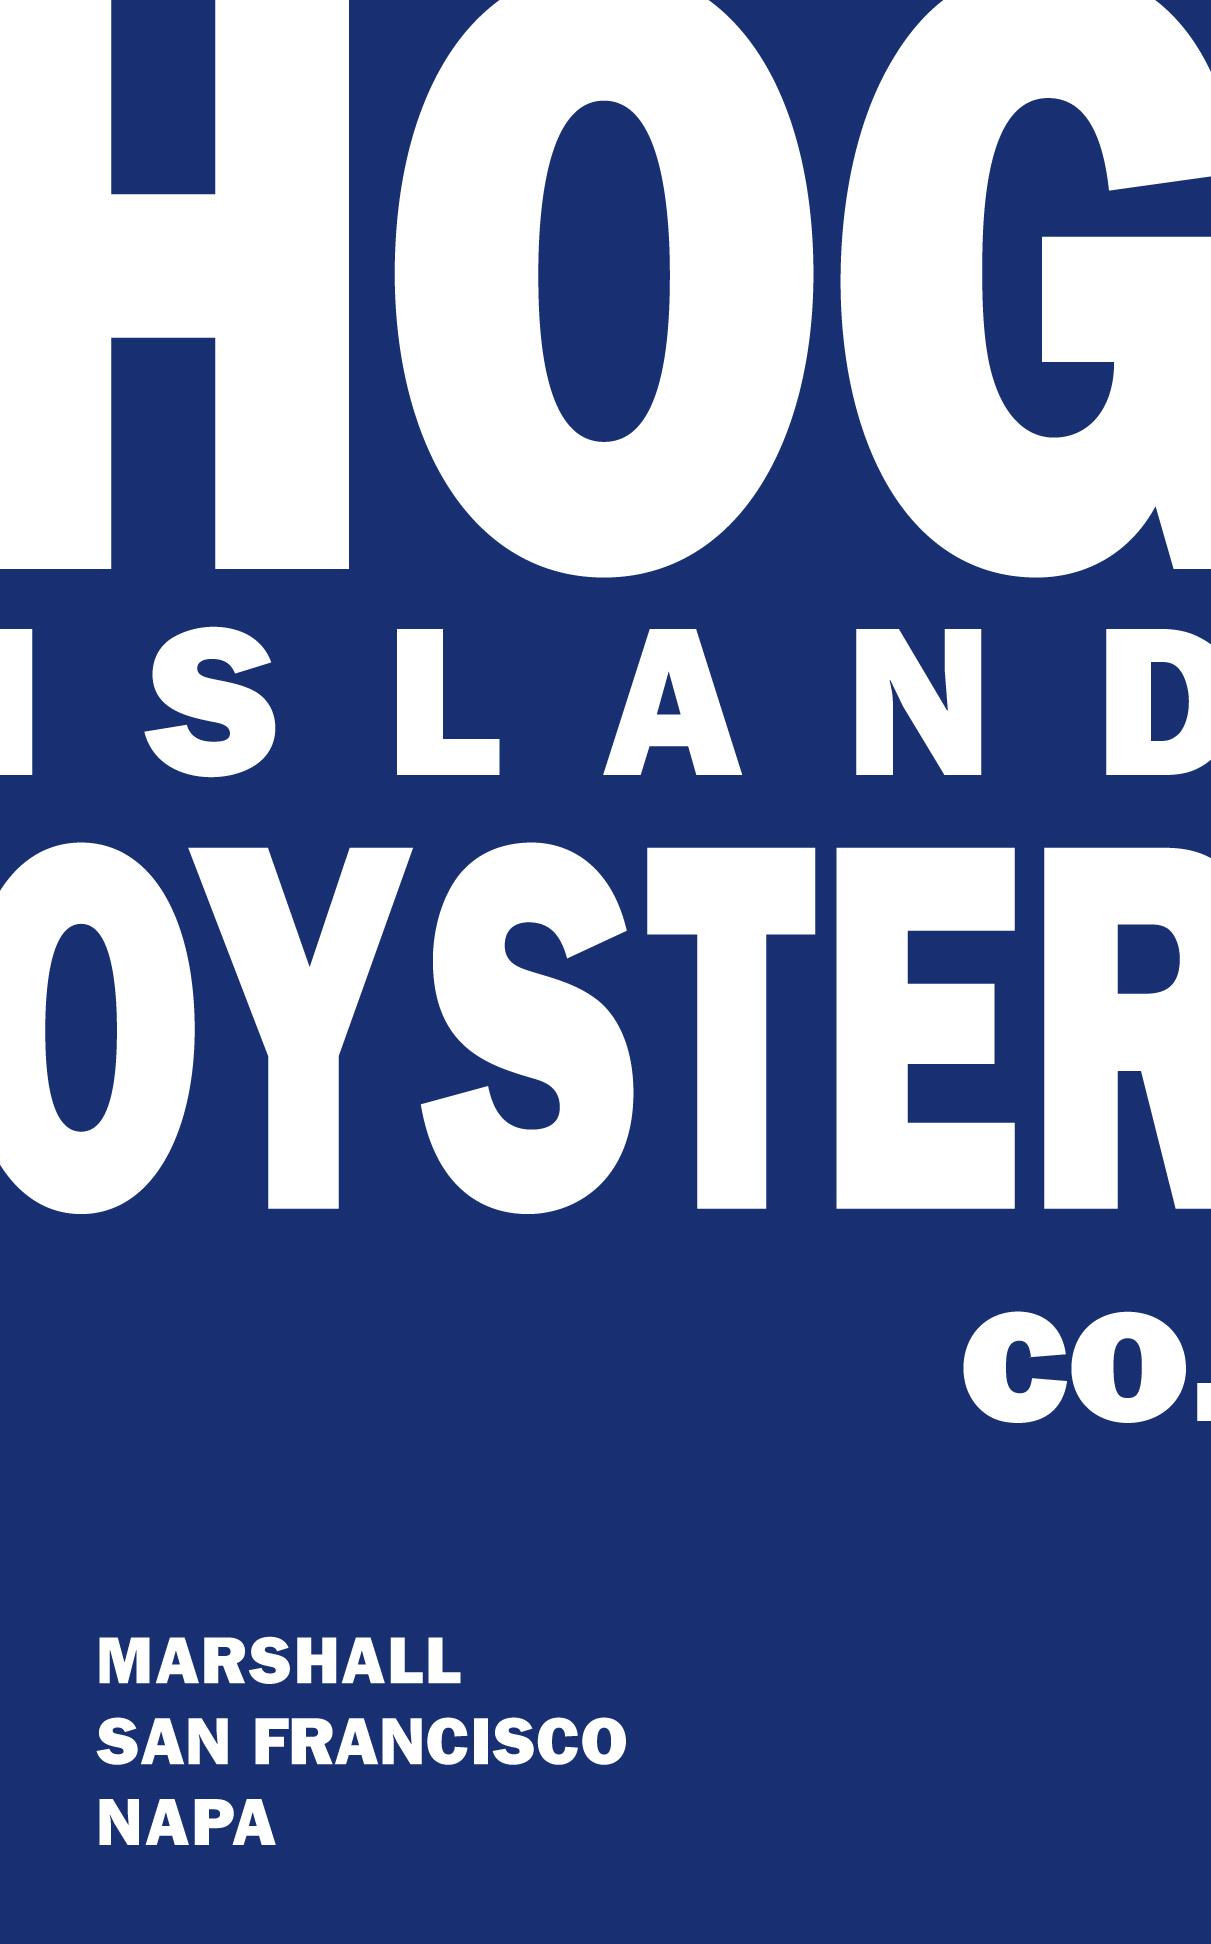 Hog Oyster Island Ferry Building